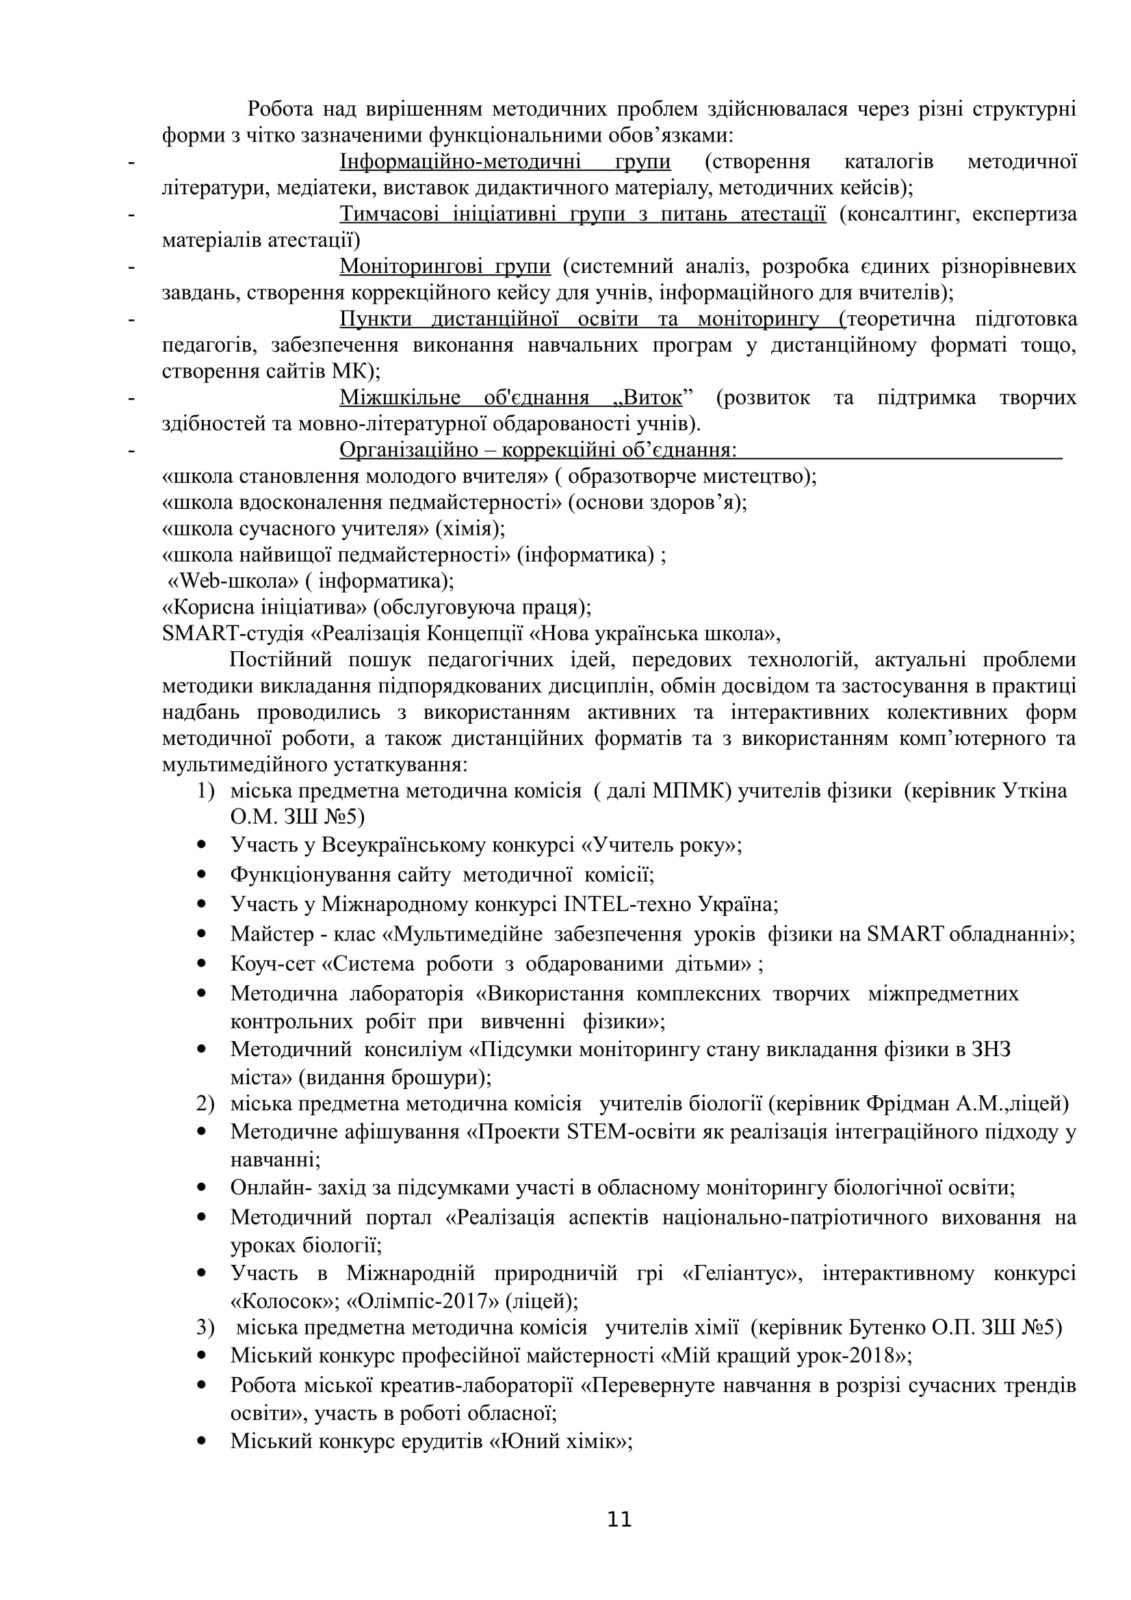 Костянтинівка 2018-2019 - ММК план роботи-12